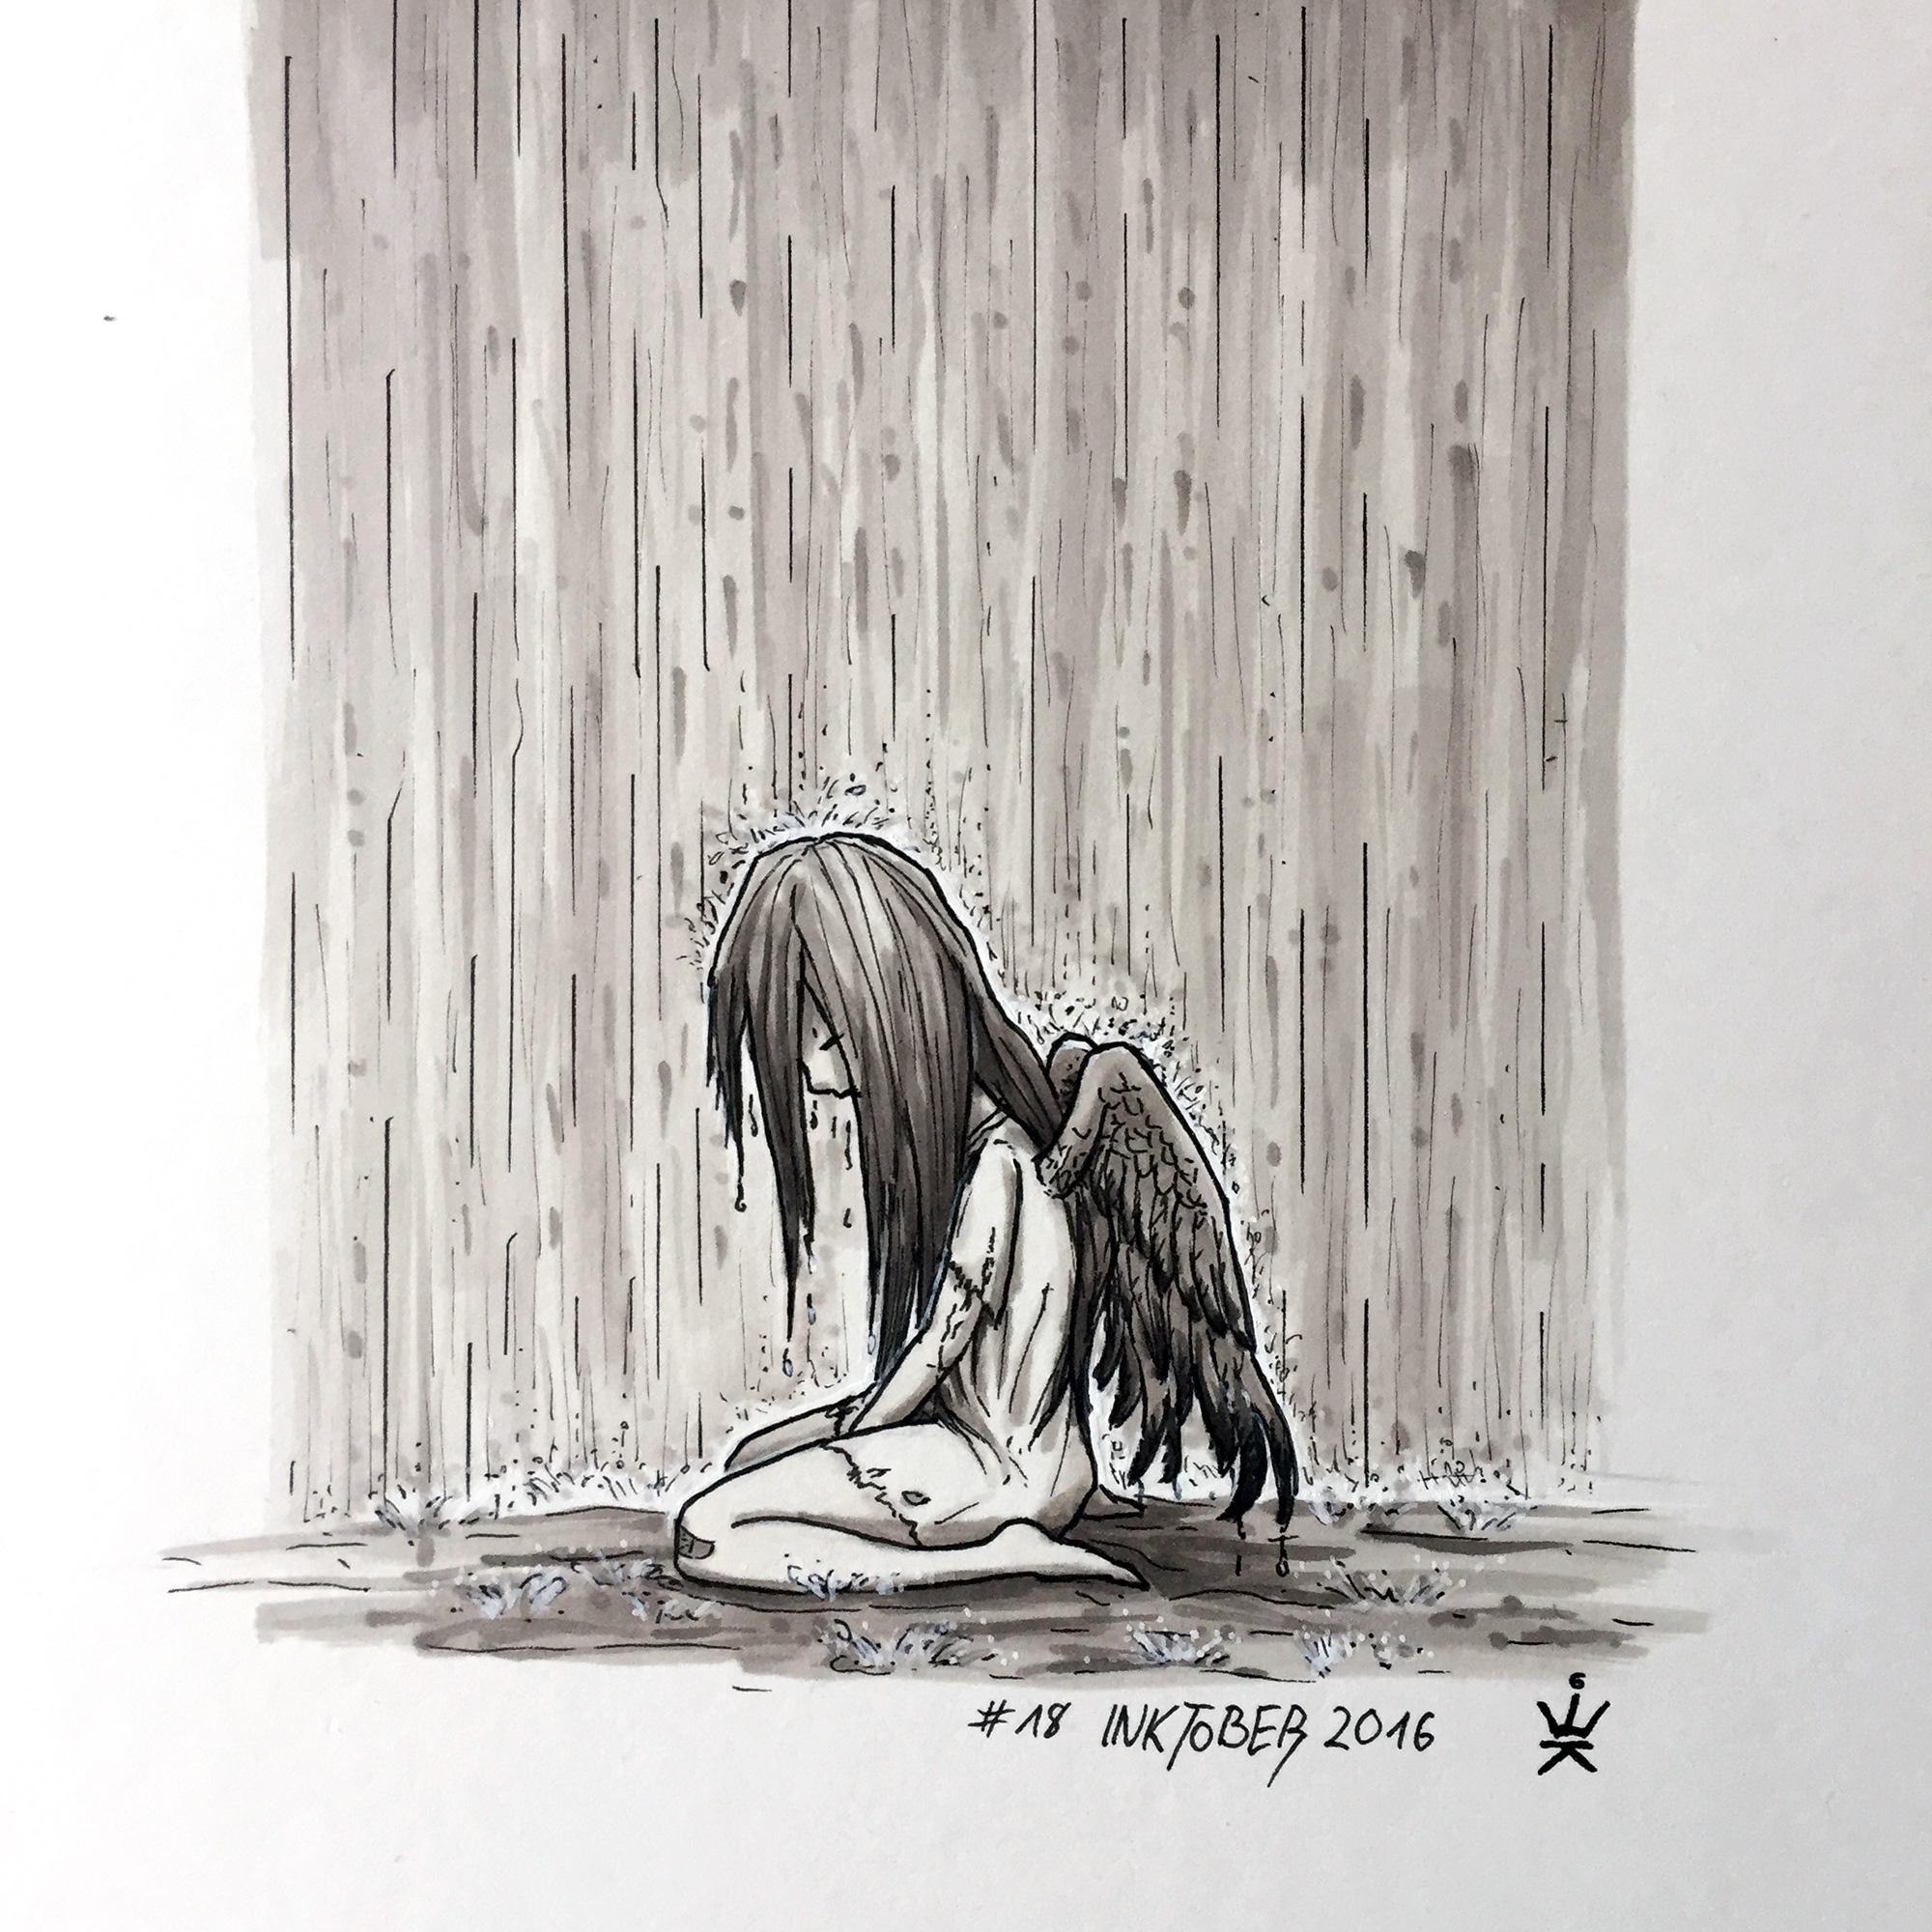 картинки в скетчбук грустные нужно